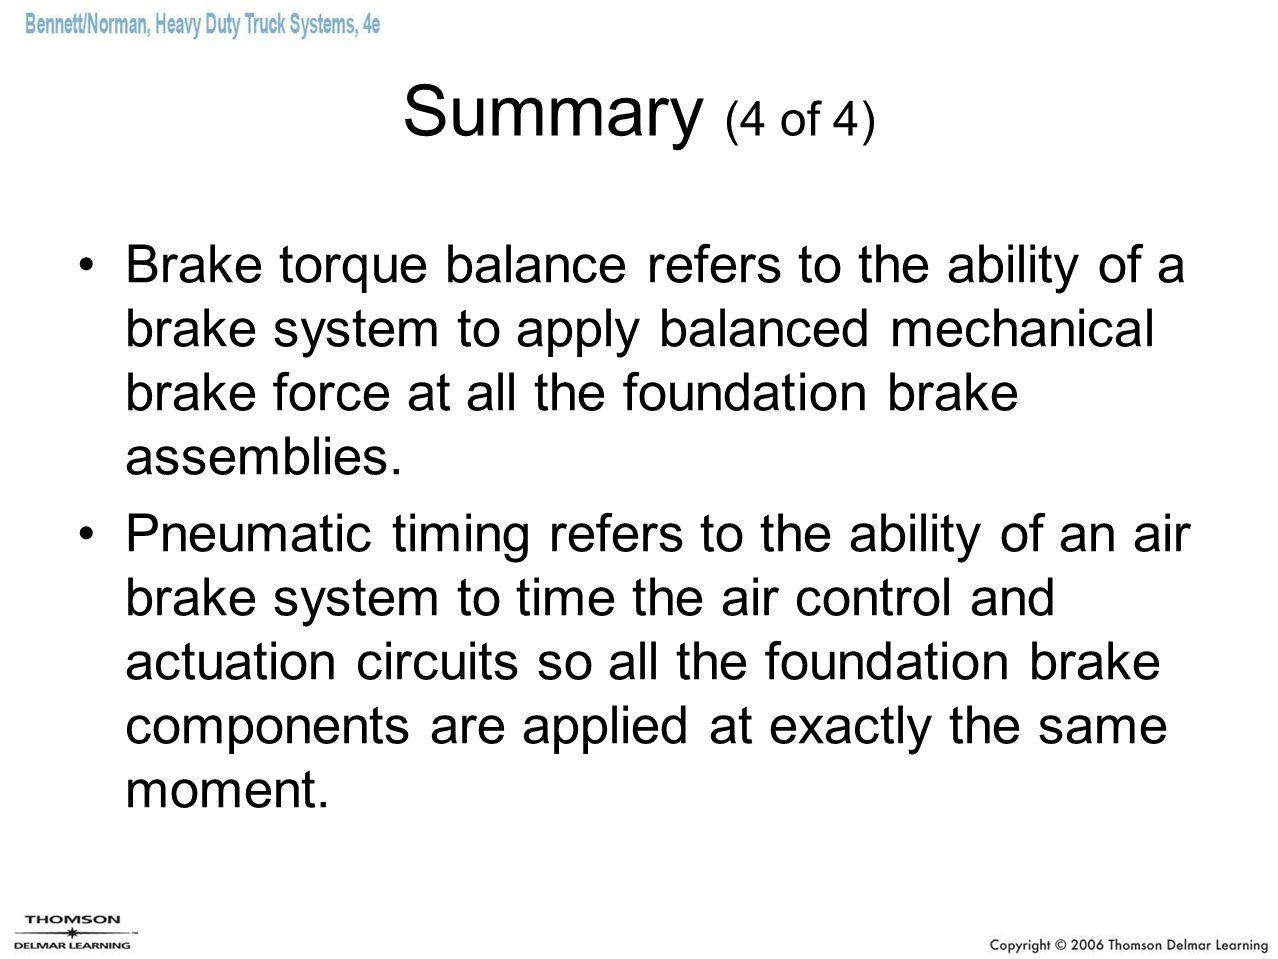 Summary (4 of 4)